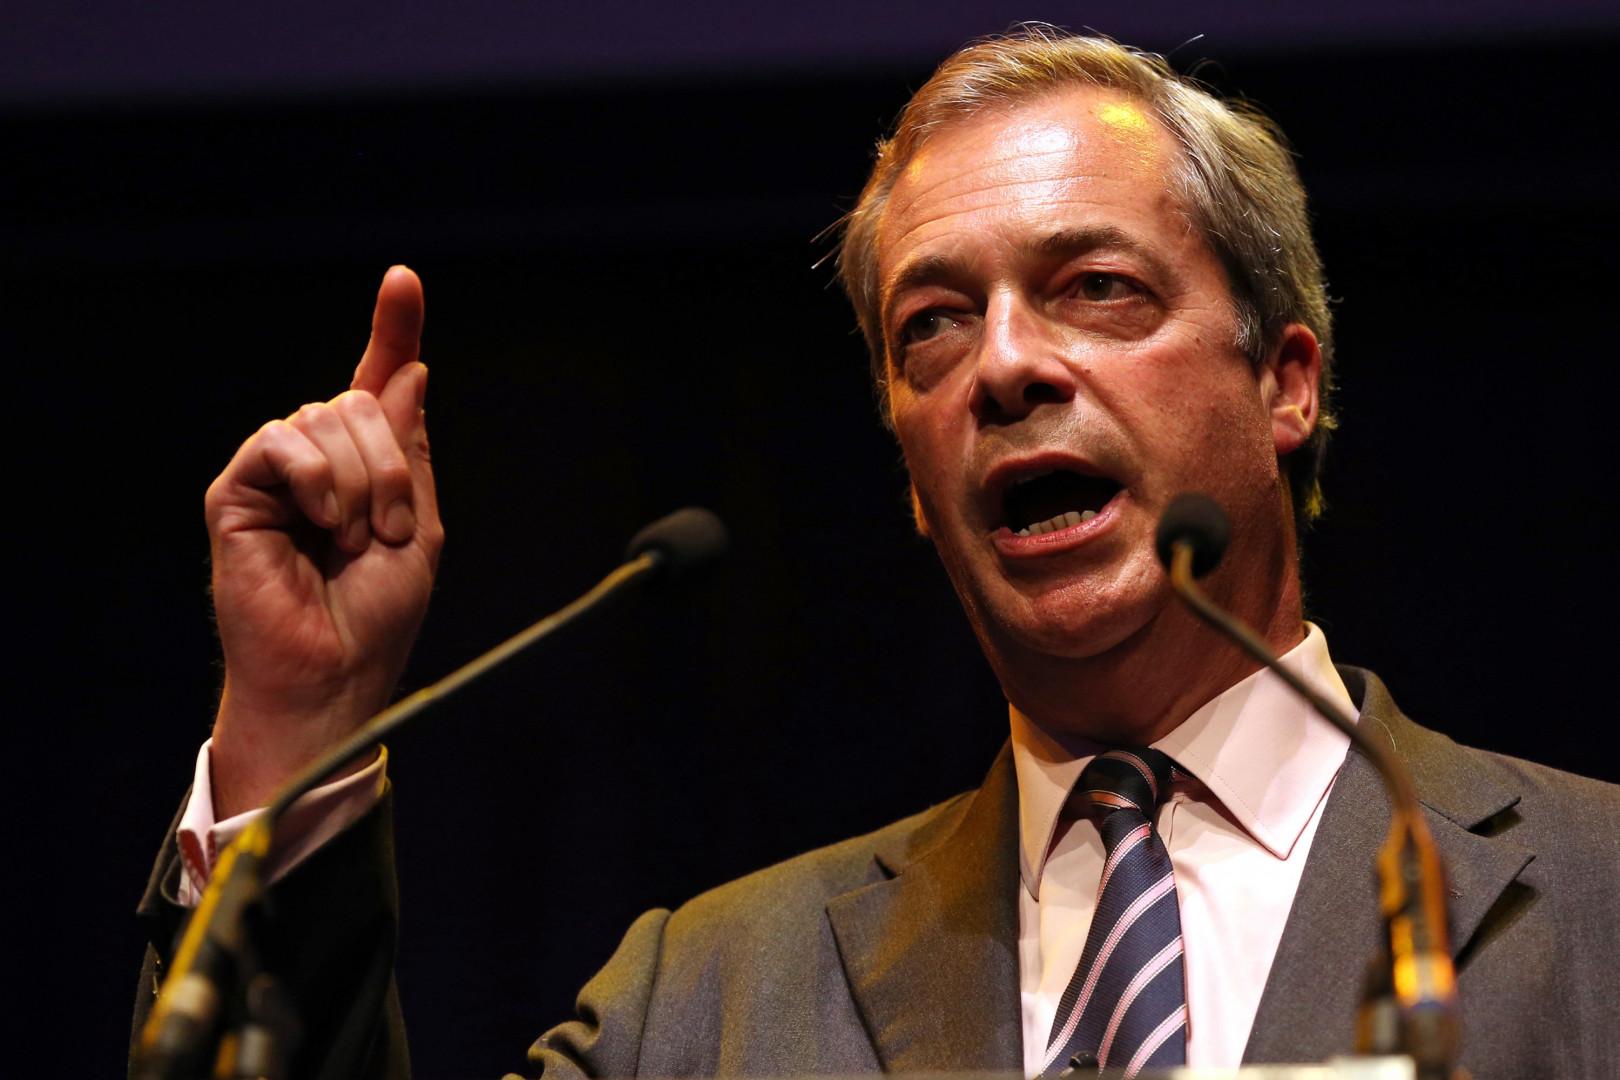 Nigel Farage, le leader du UKIP, le parti eurosceptique britannique